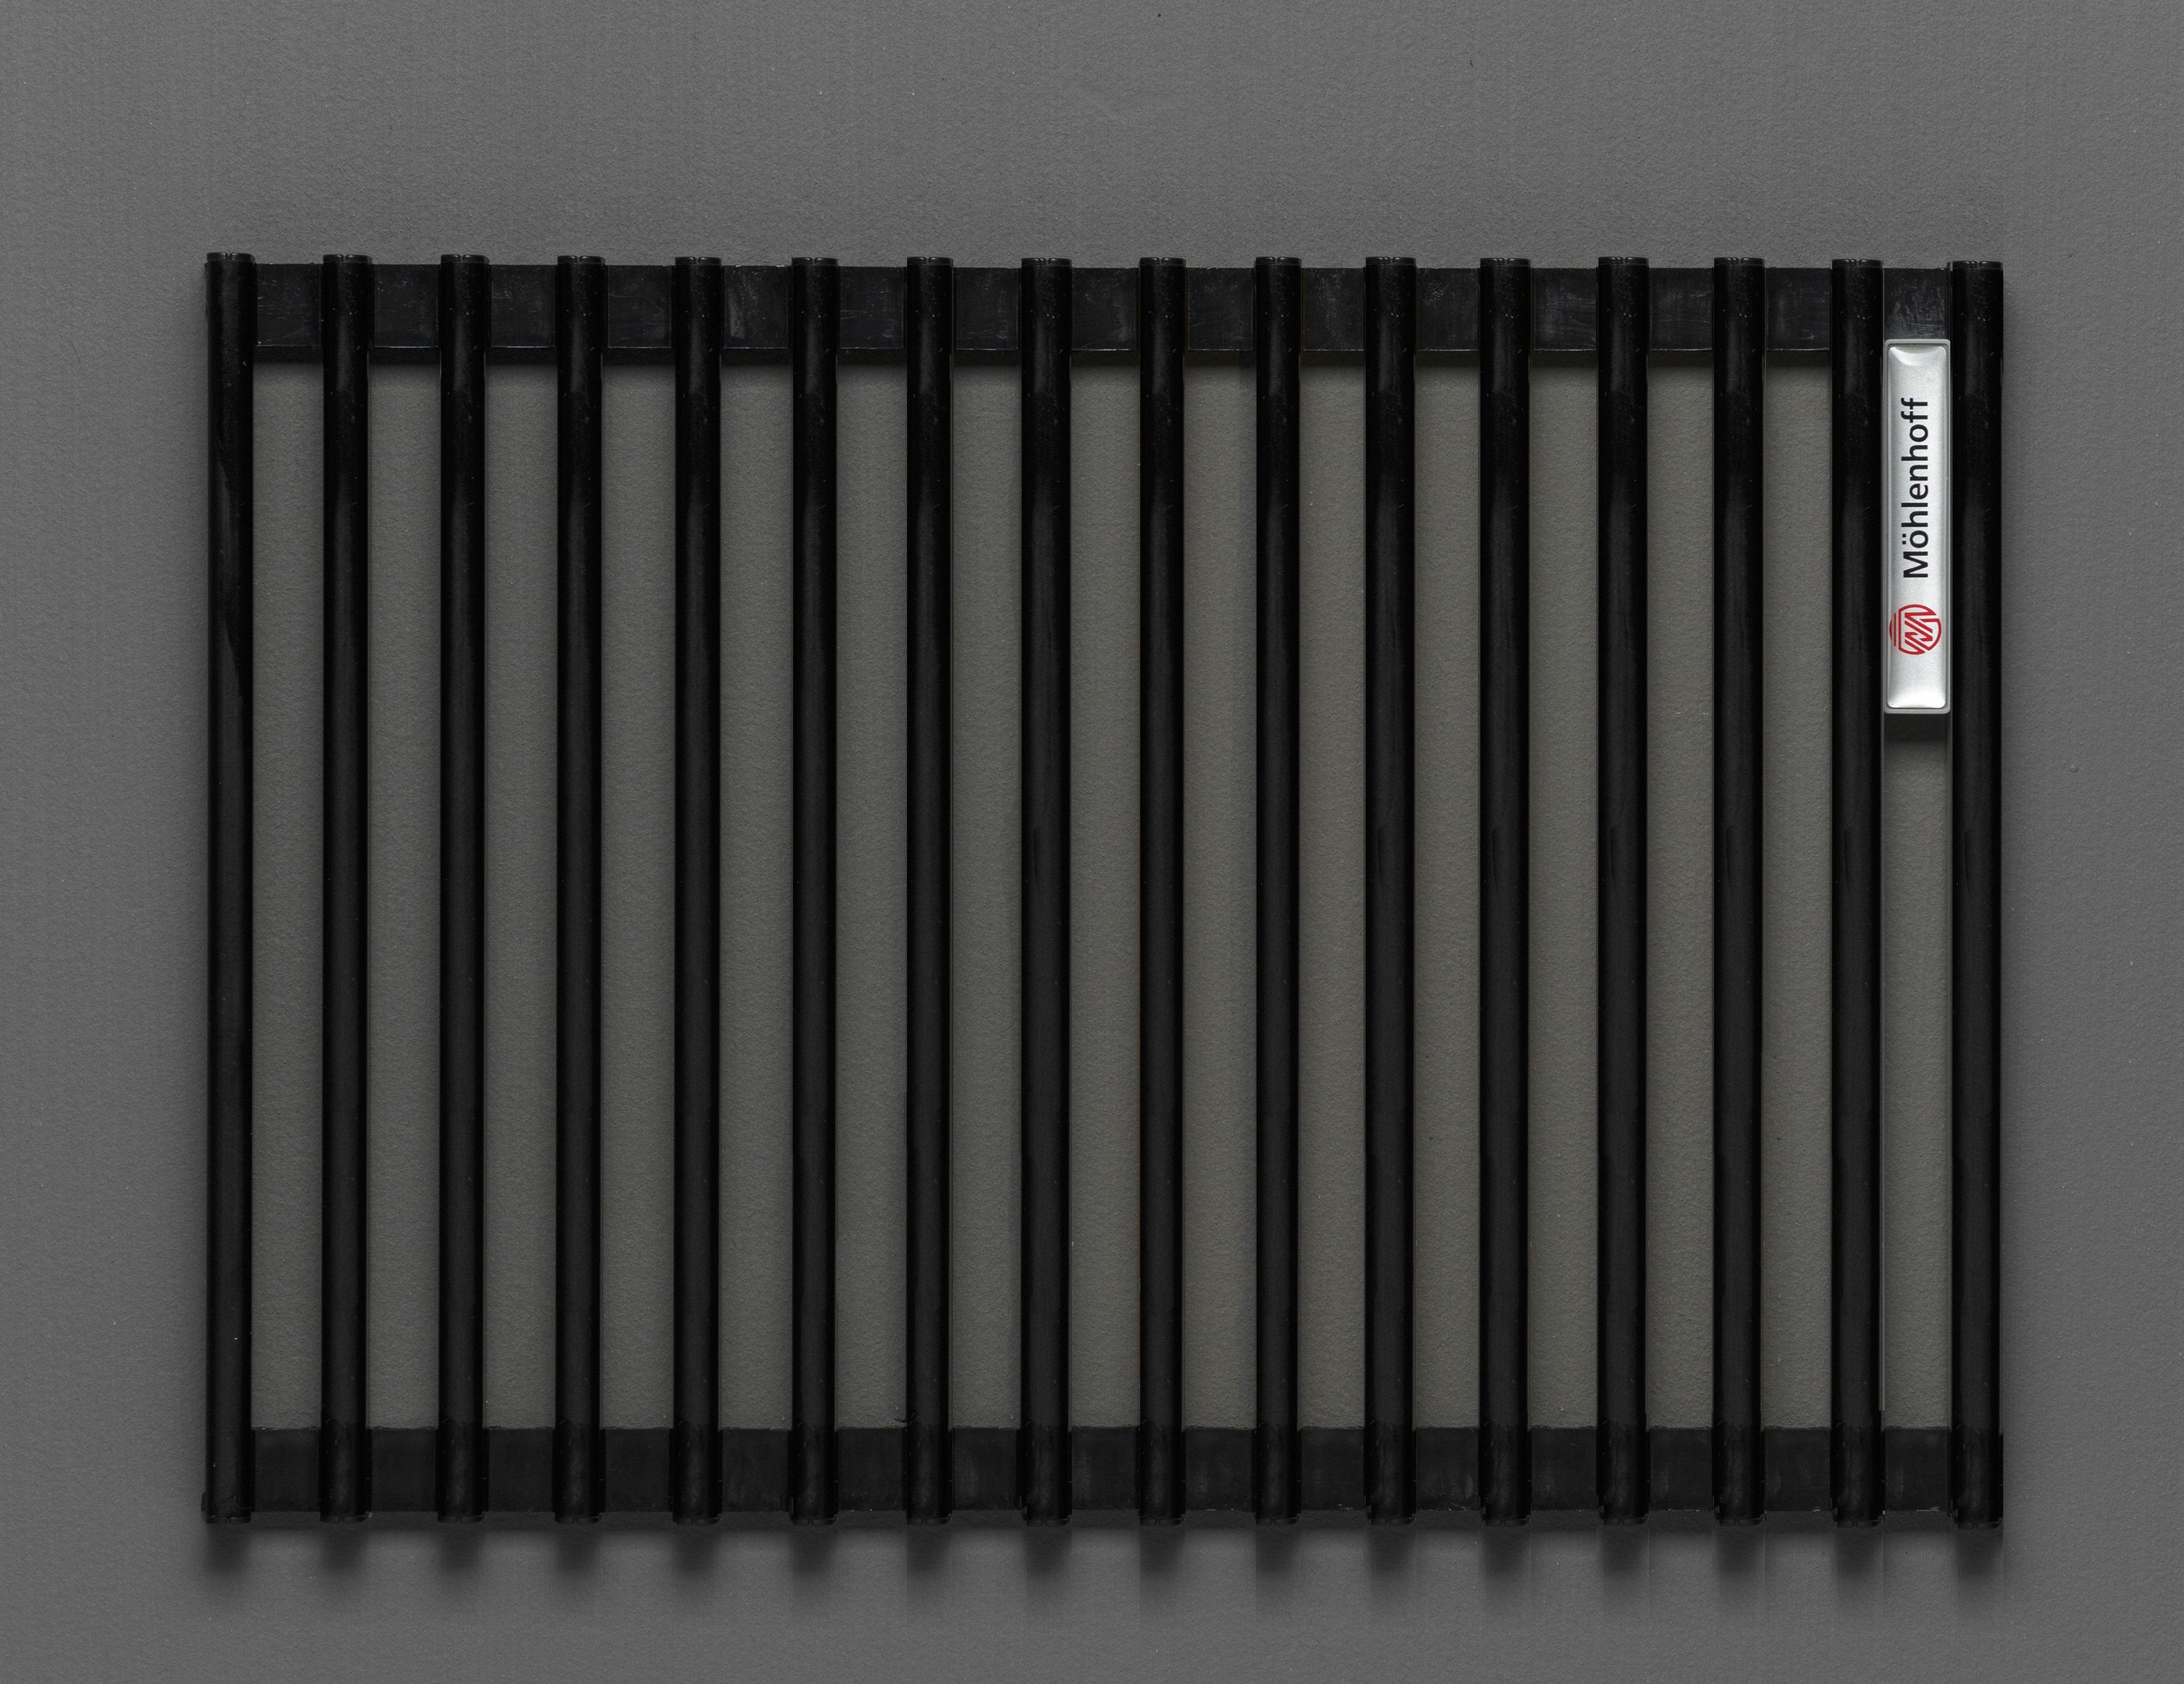 Купить Декоративная решётка Mohlenhoff черный, шириной 260 мм 1 пог. м, Россия